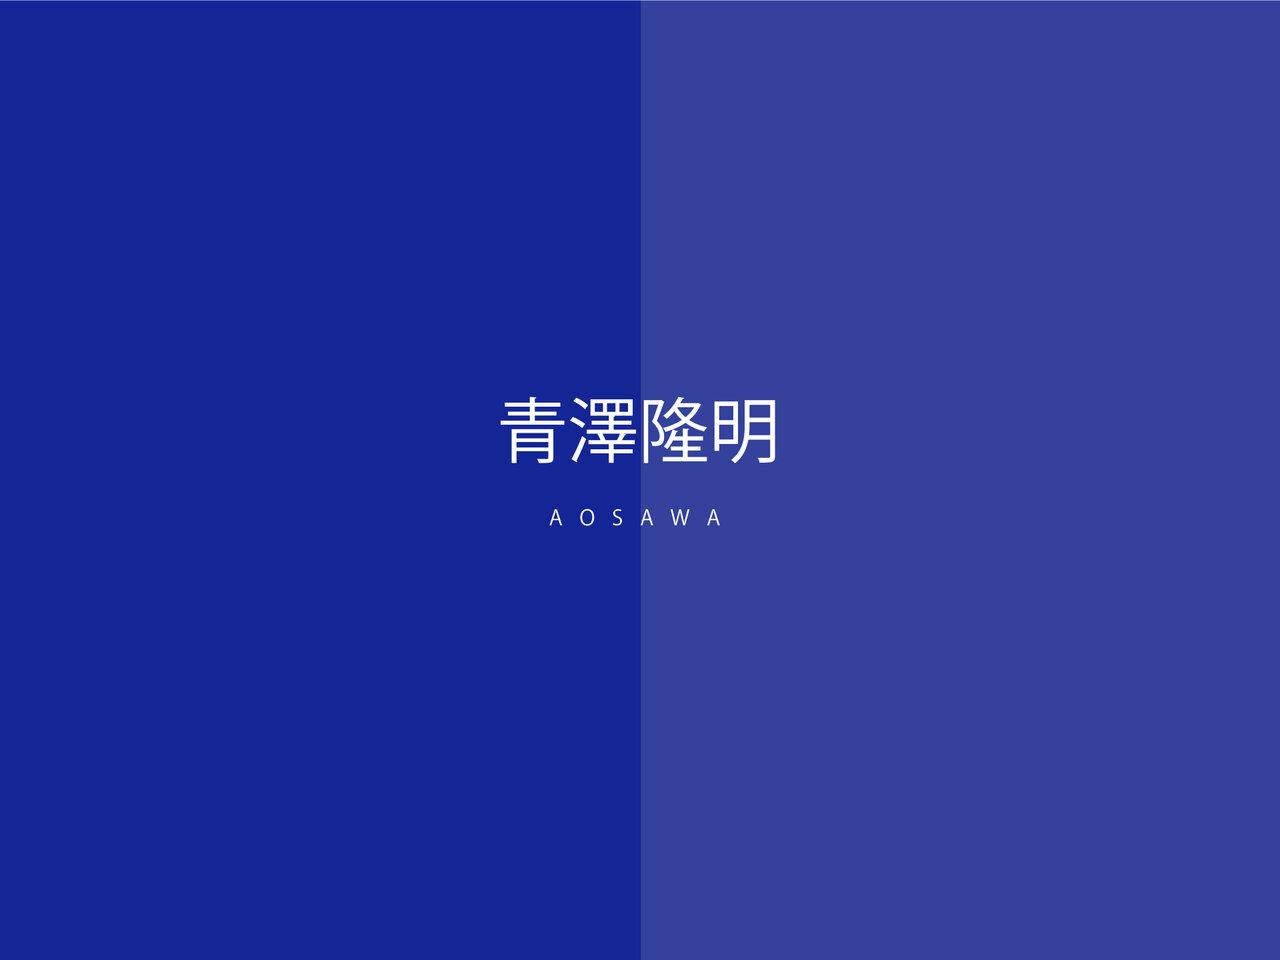 カルメンはエイミーじゃない。Ⅲ -新国立劇場 新制作オペラ『カルメン』をみて思ったこと(青澤隆明)